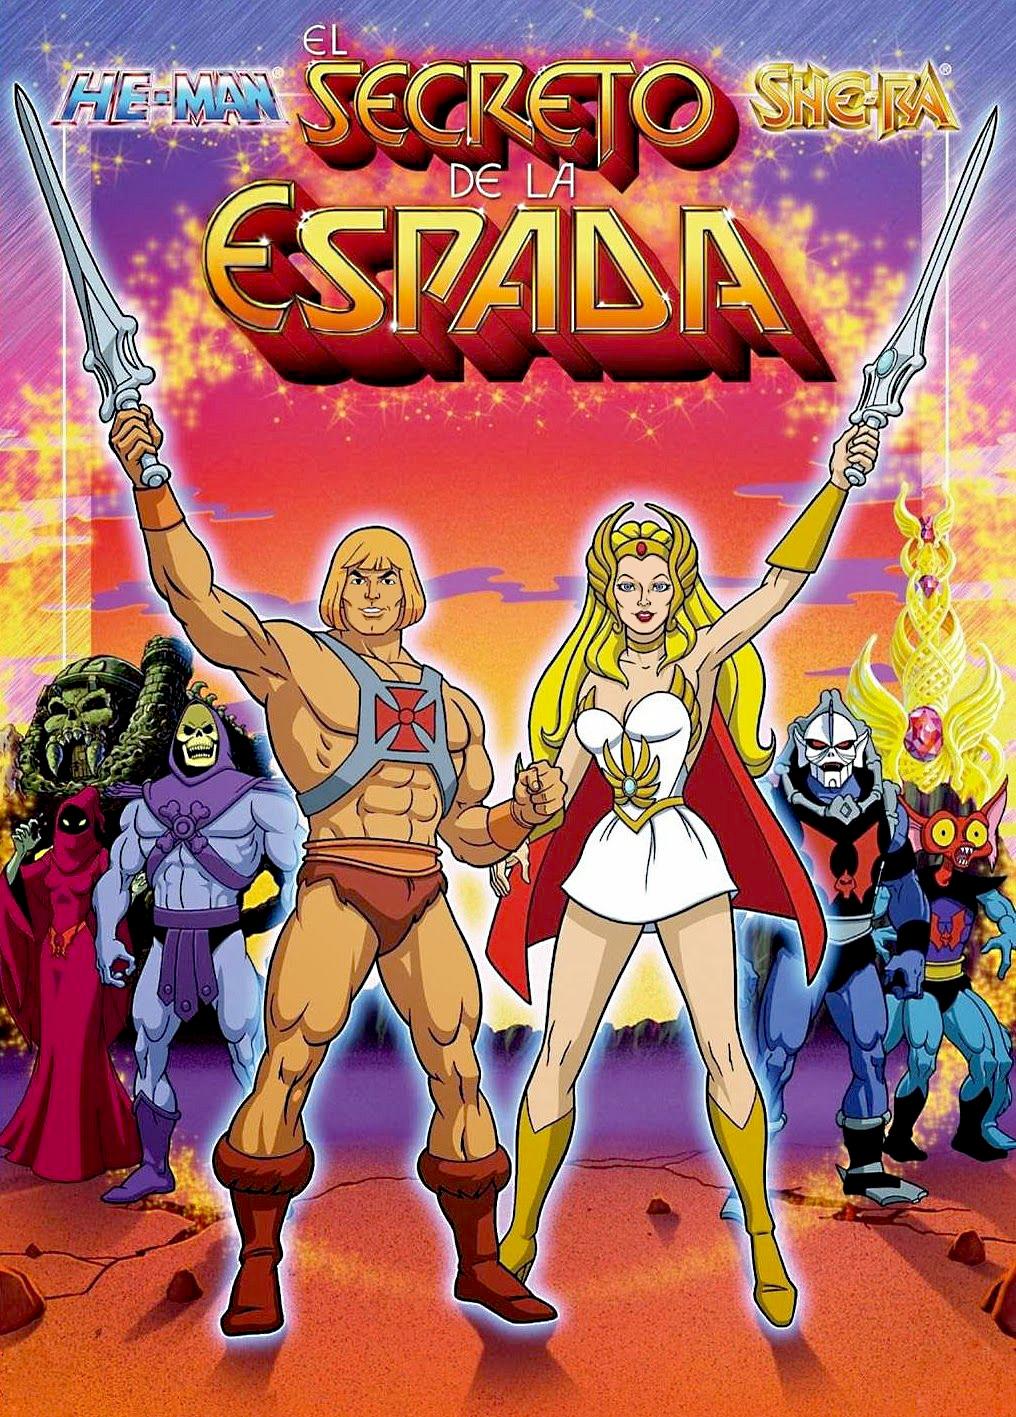 He-Man & She-Ra: El secreto de la espada